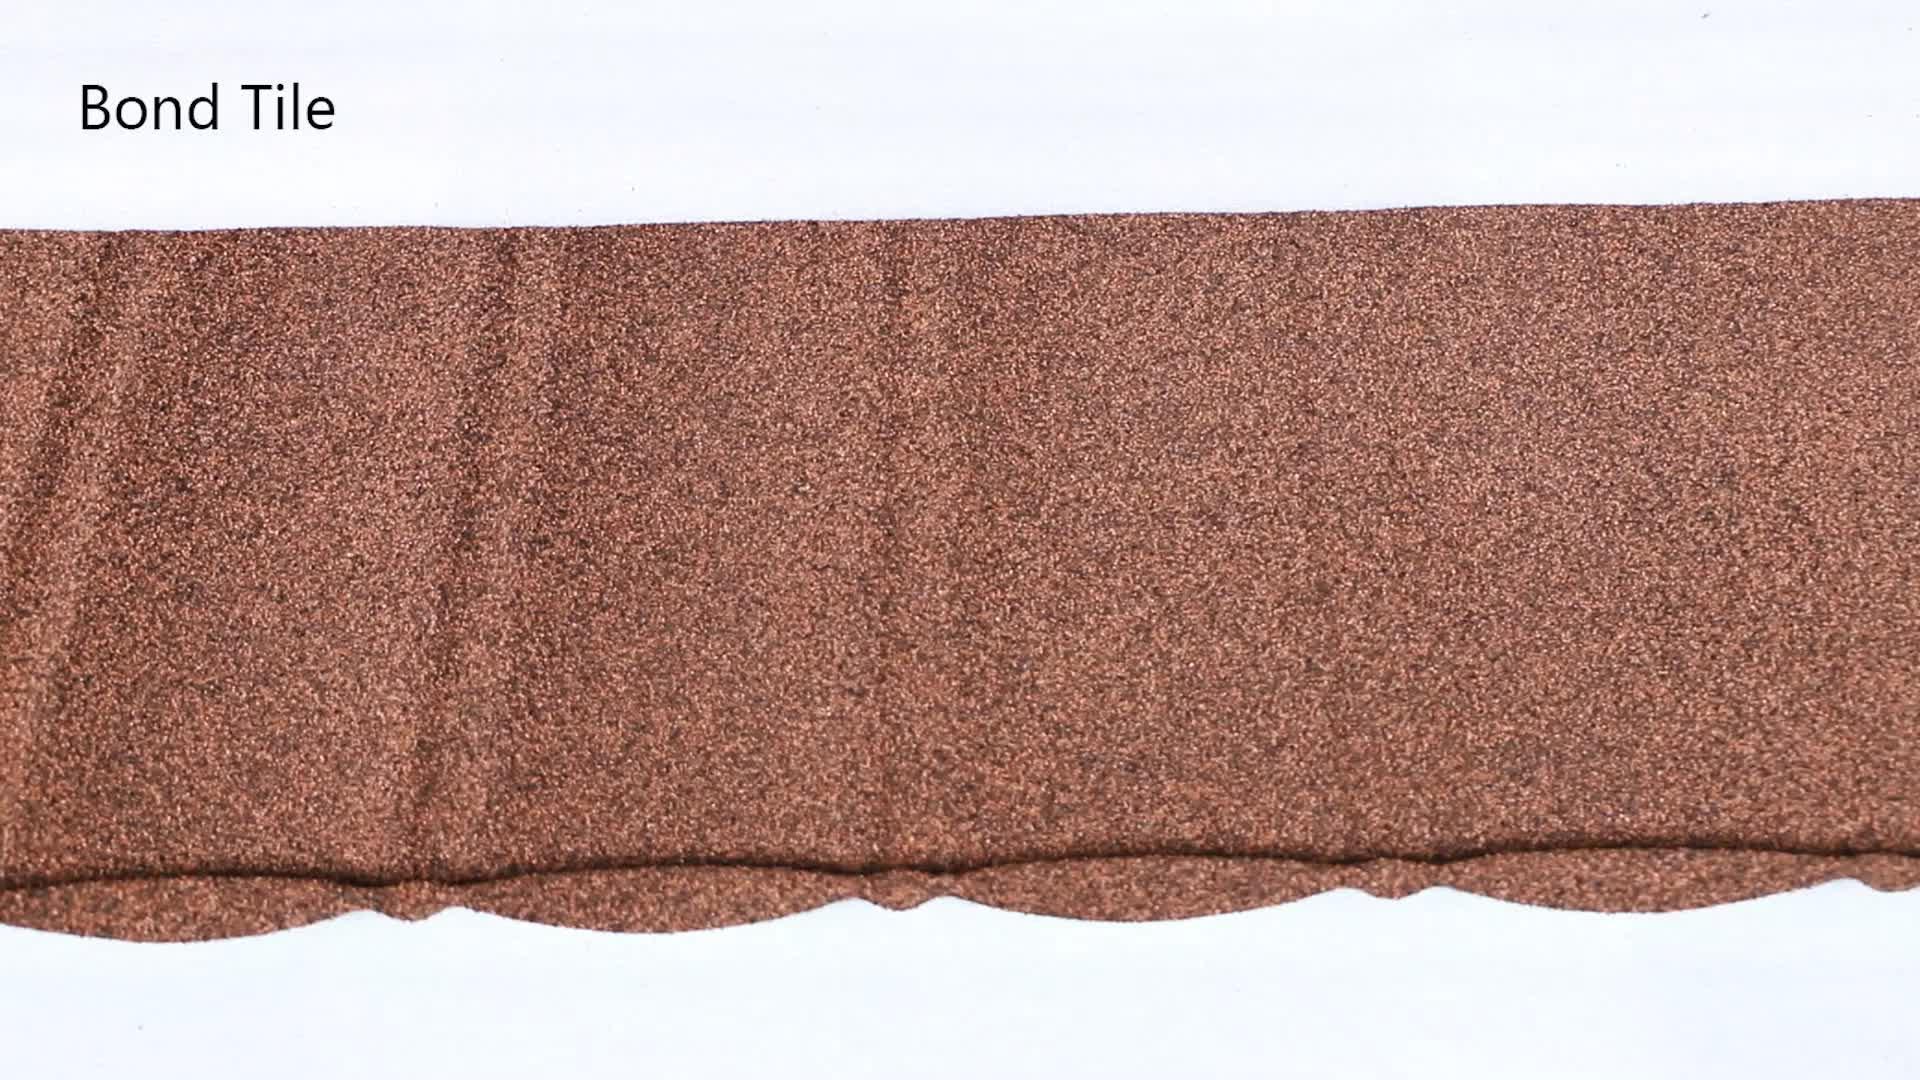 Uzun ömürlü taş kaplamalı çatı kiremiti fabrika en iyi fiyat ile